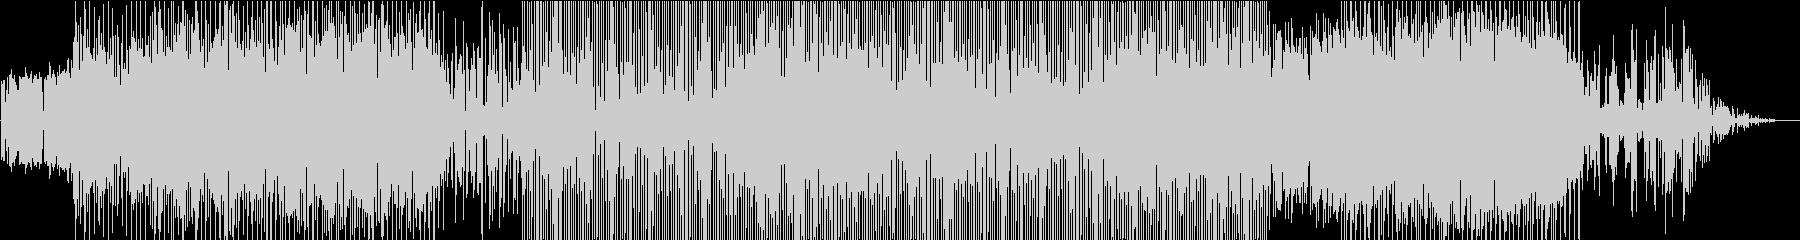 力強いビート大地を感じるピアノの未再生の波形